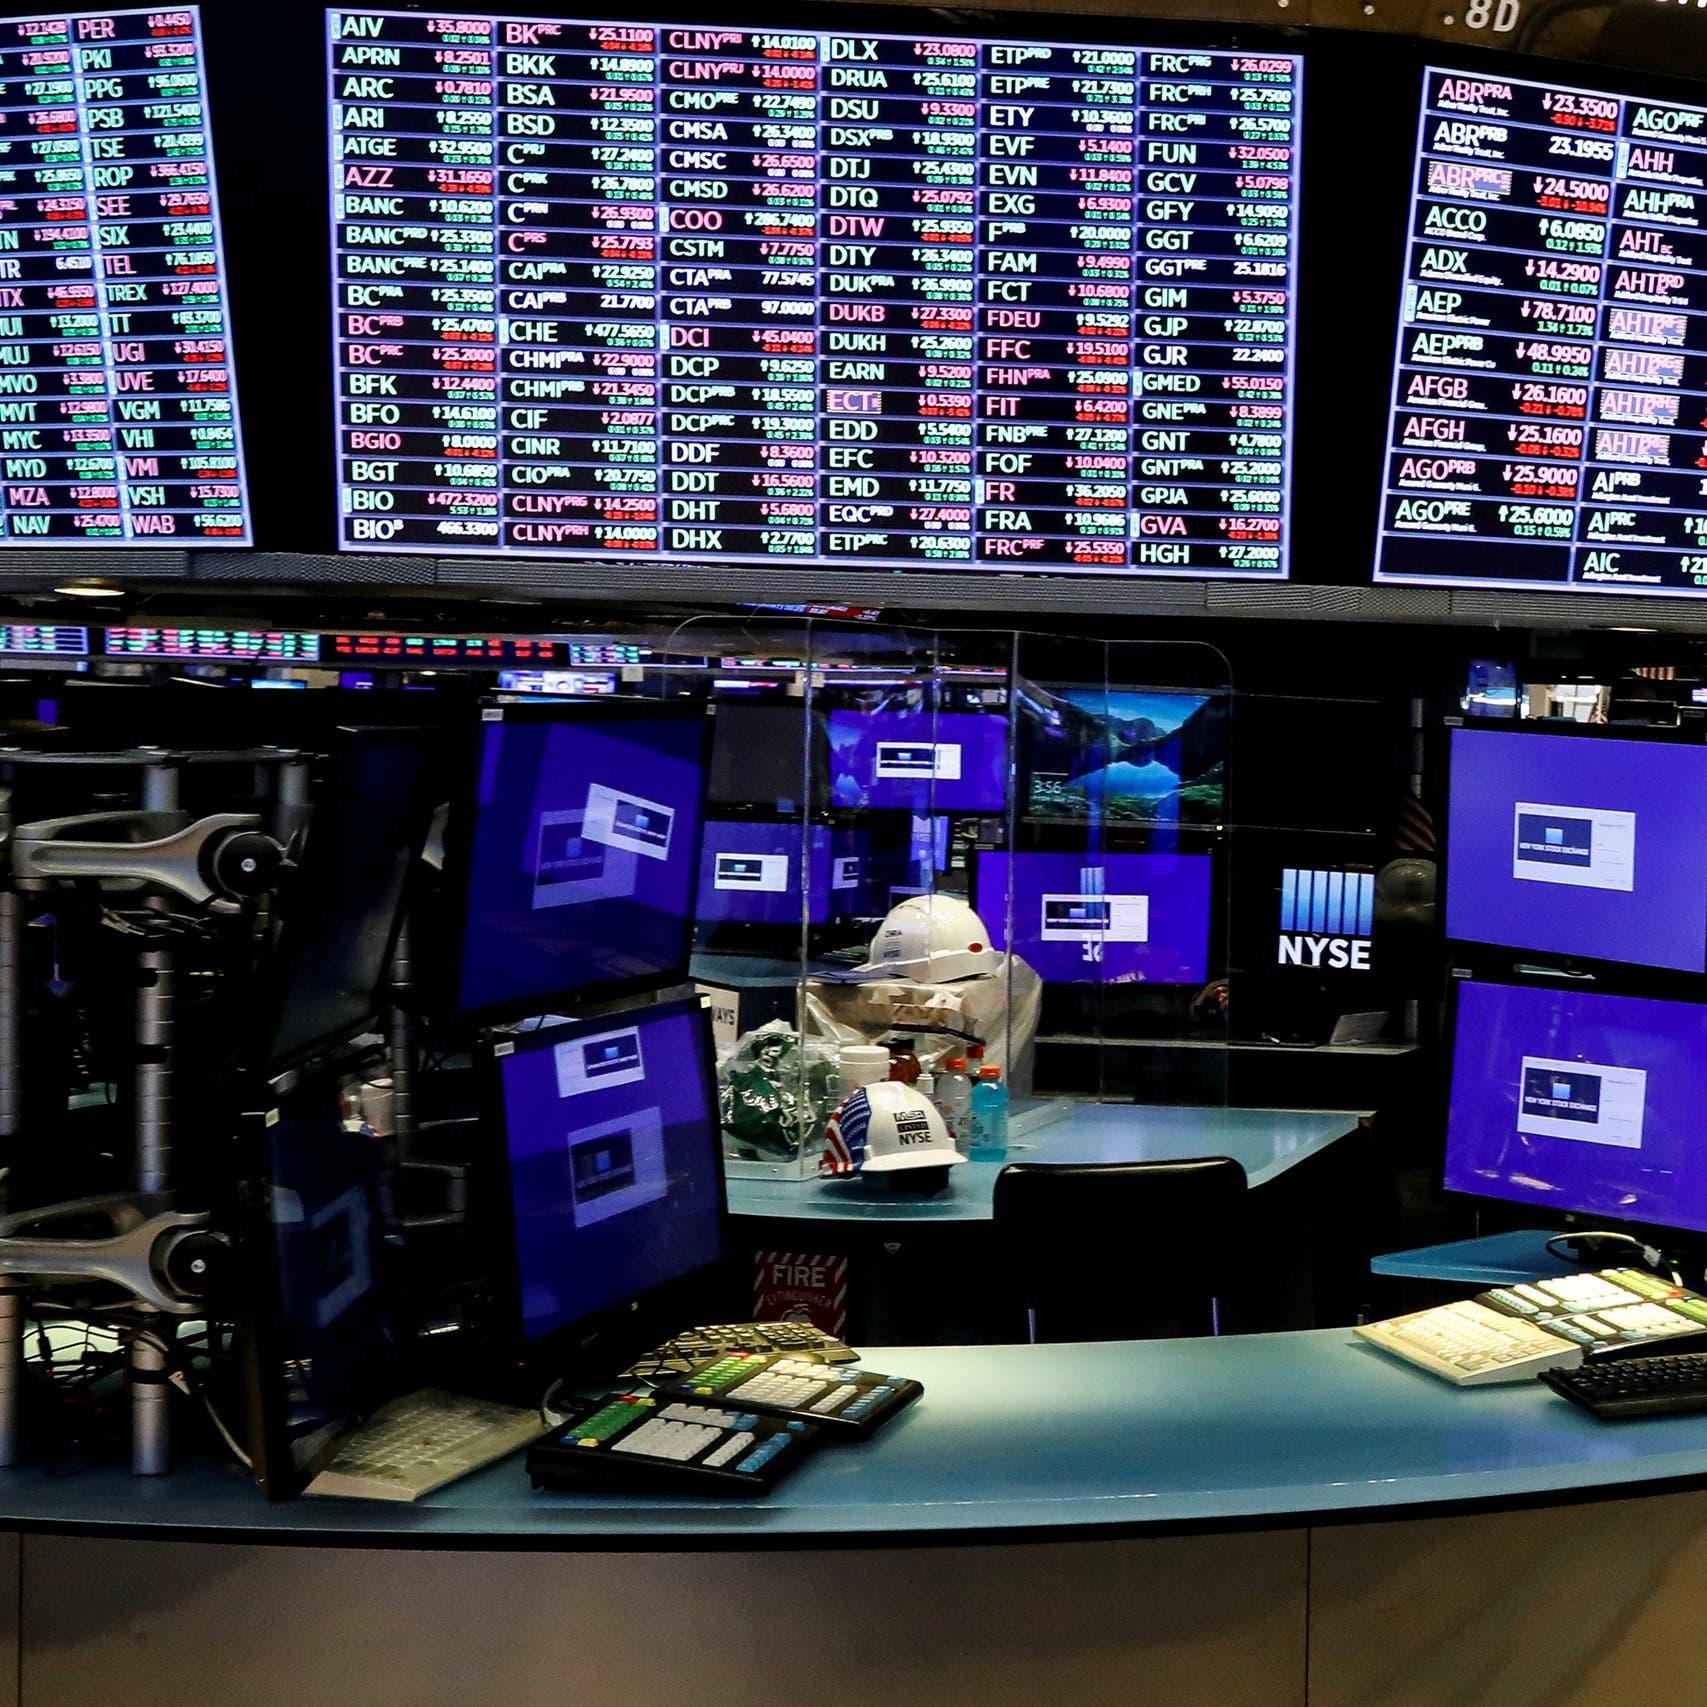 1.2 تريليون دولار تدفقت إلى الأسهم في عام.. الأعلى على الإطلاق